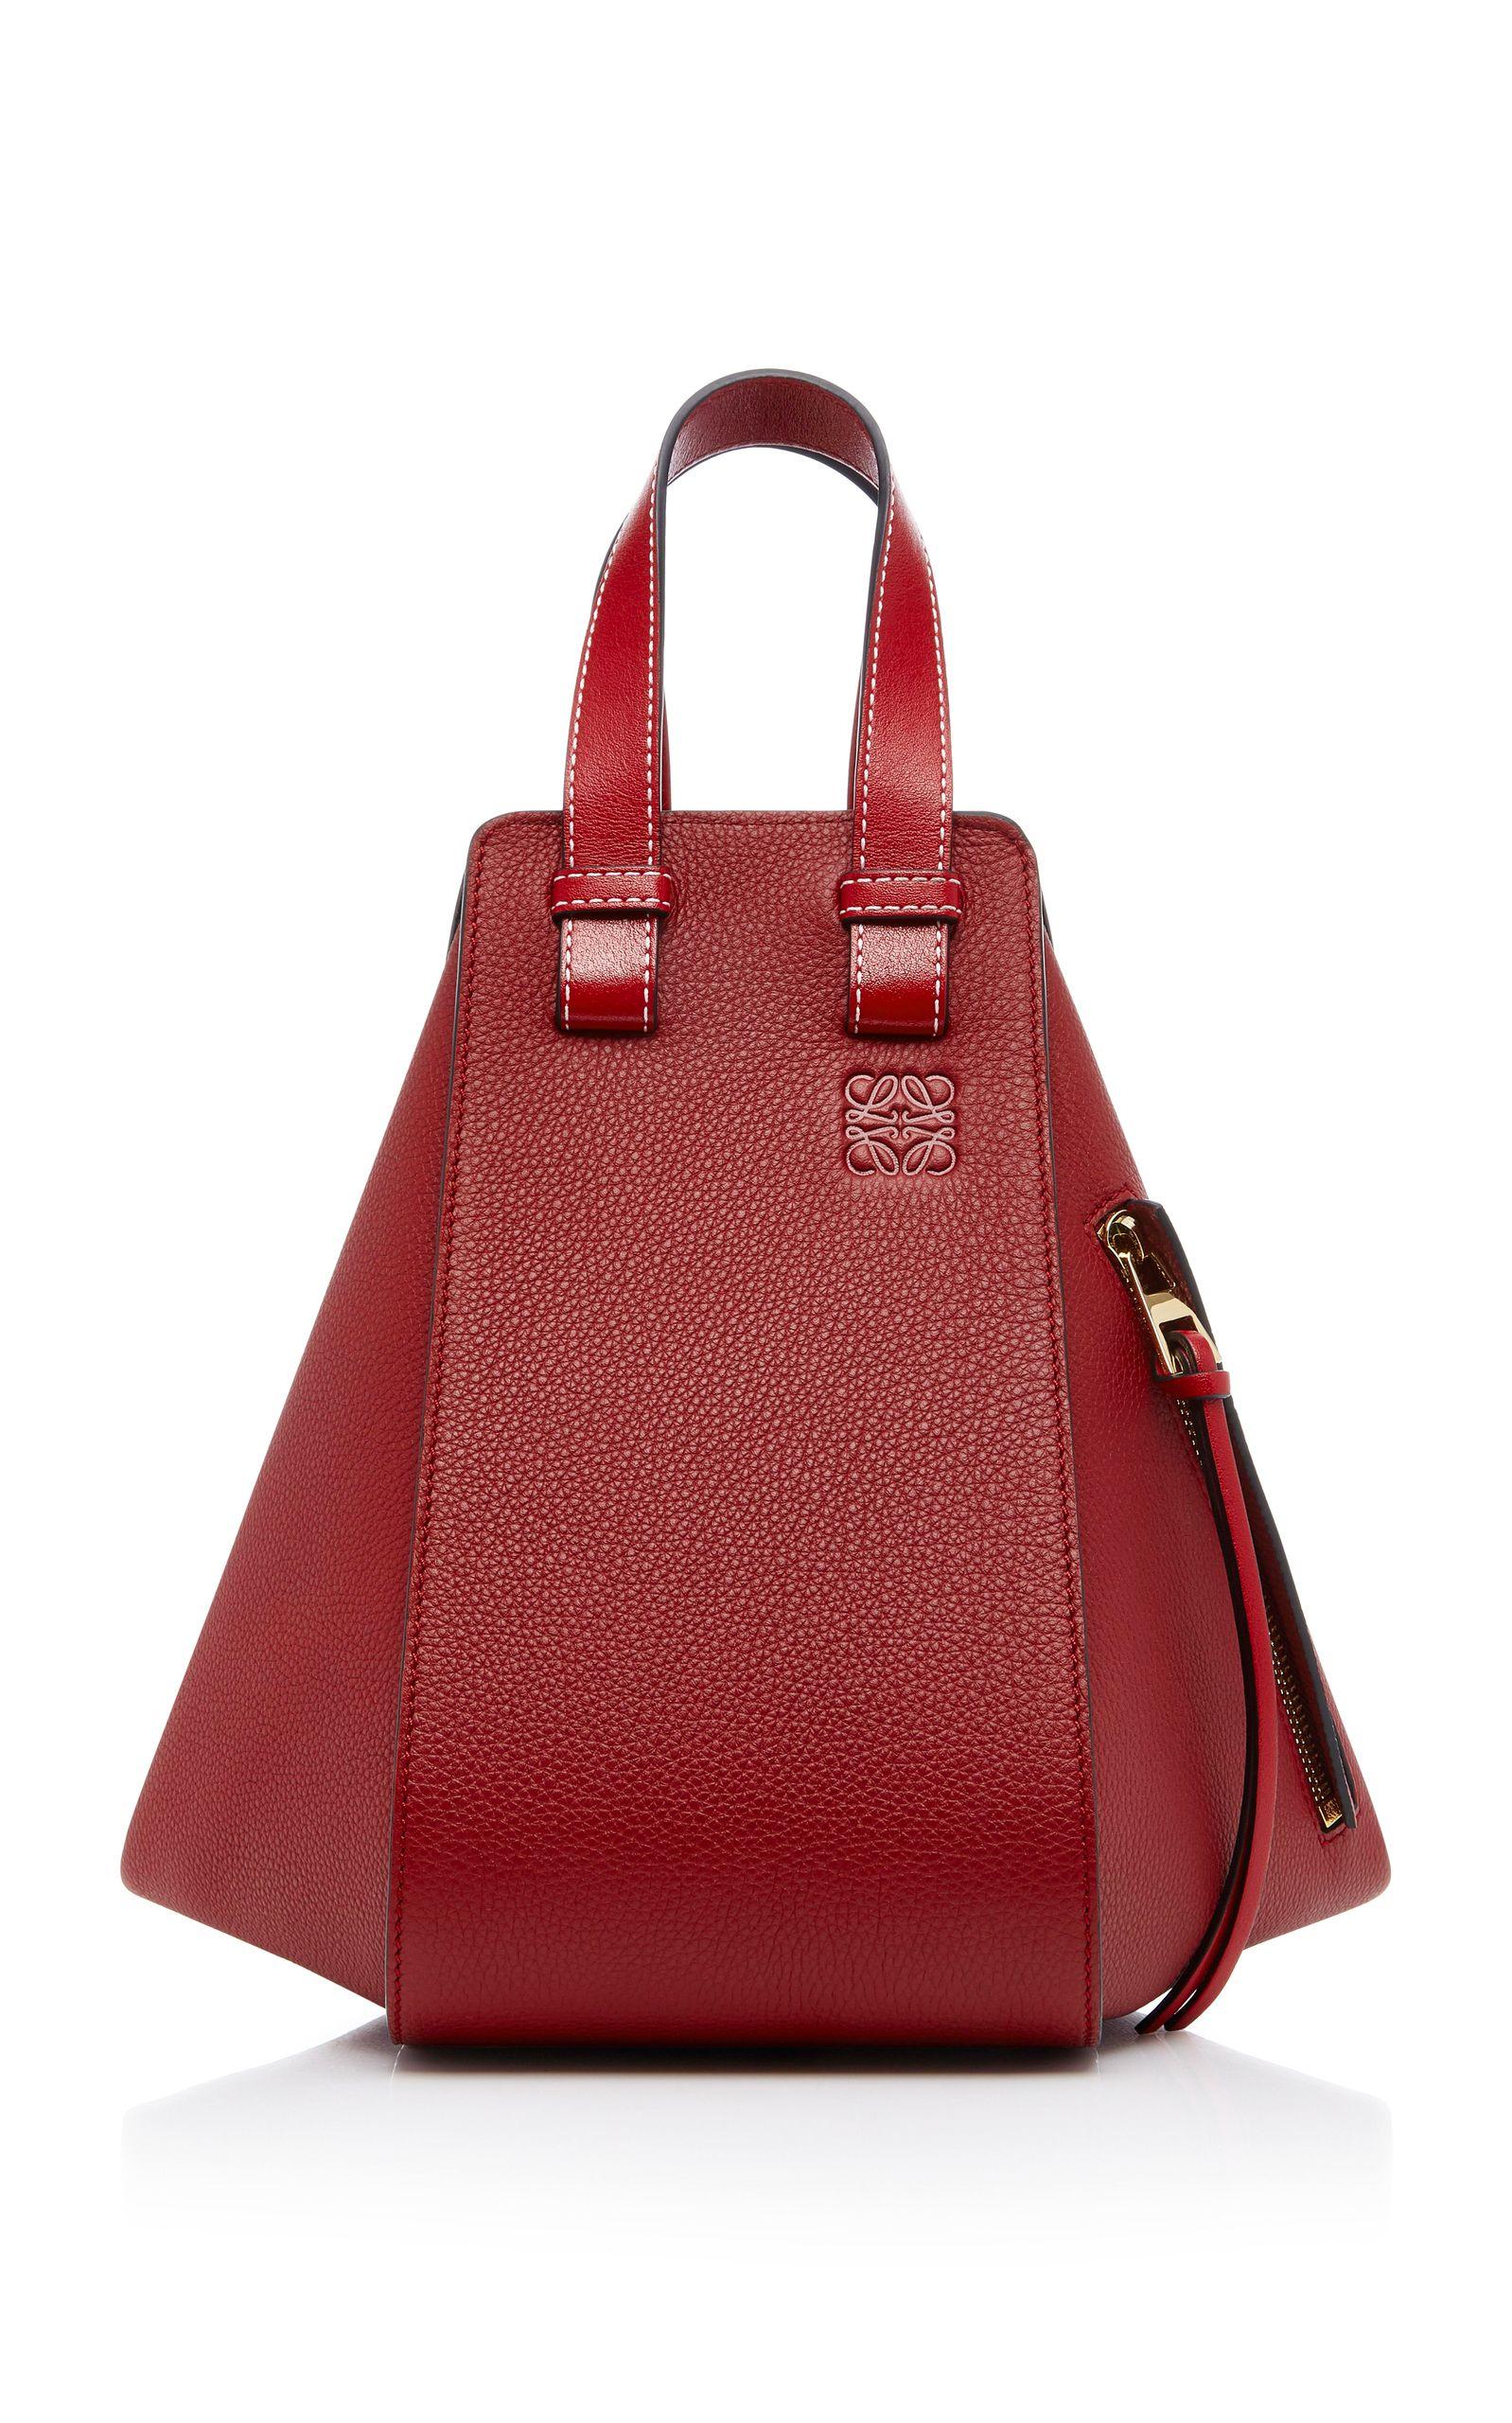 506dbdcdb7 LOEWE .  loewe  bags  leather